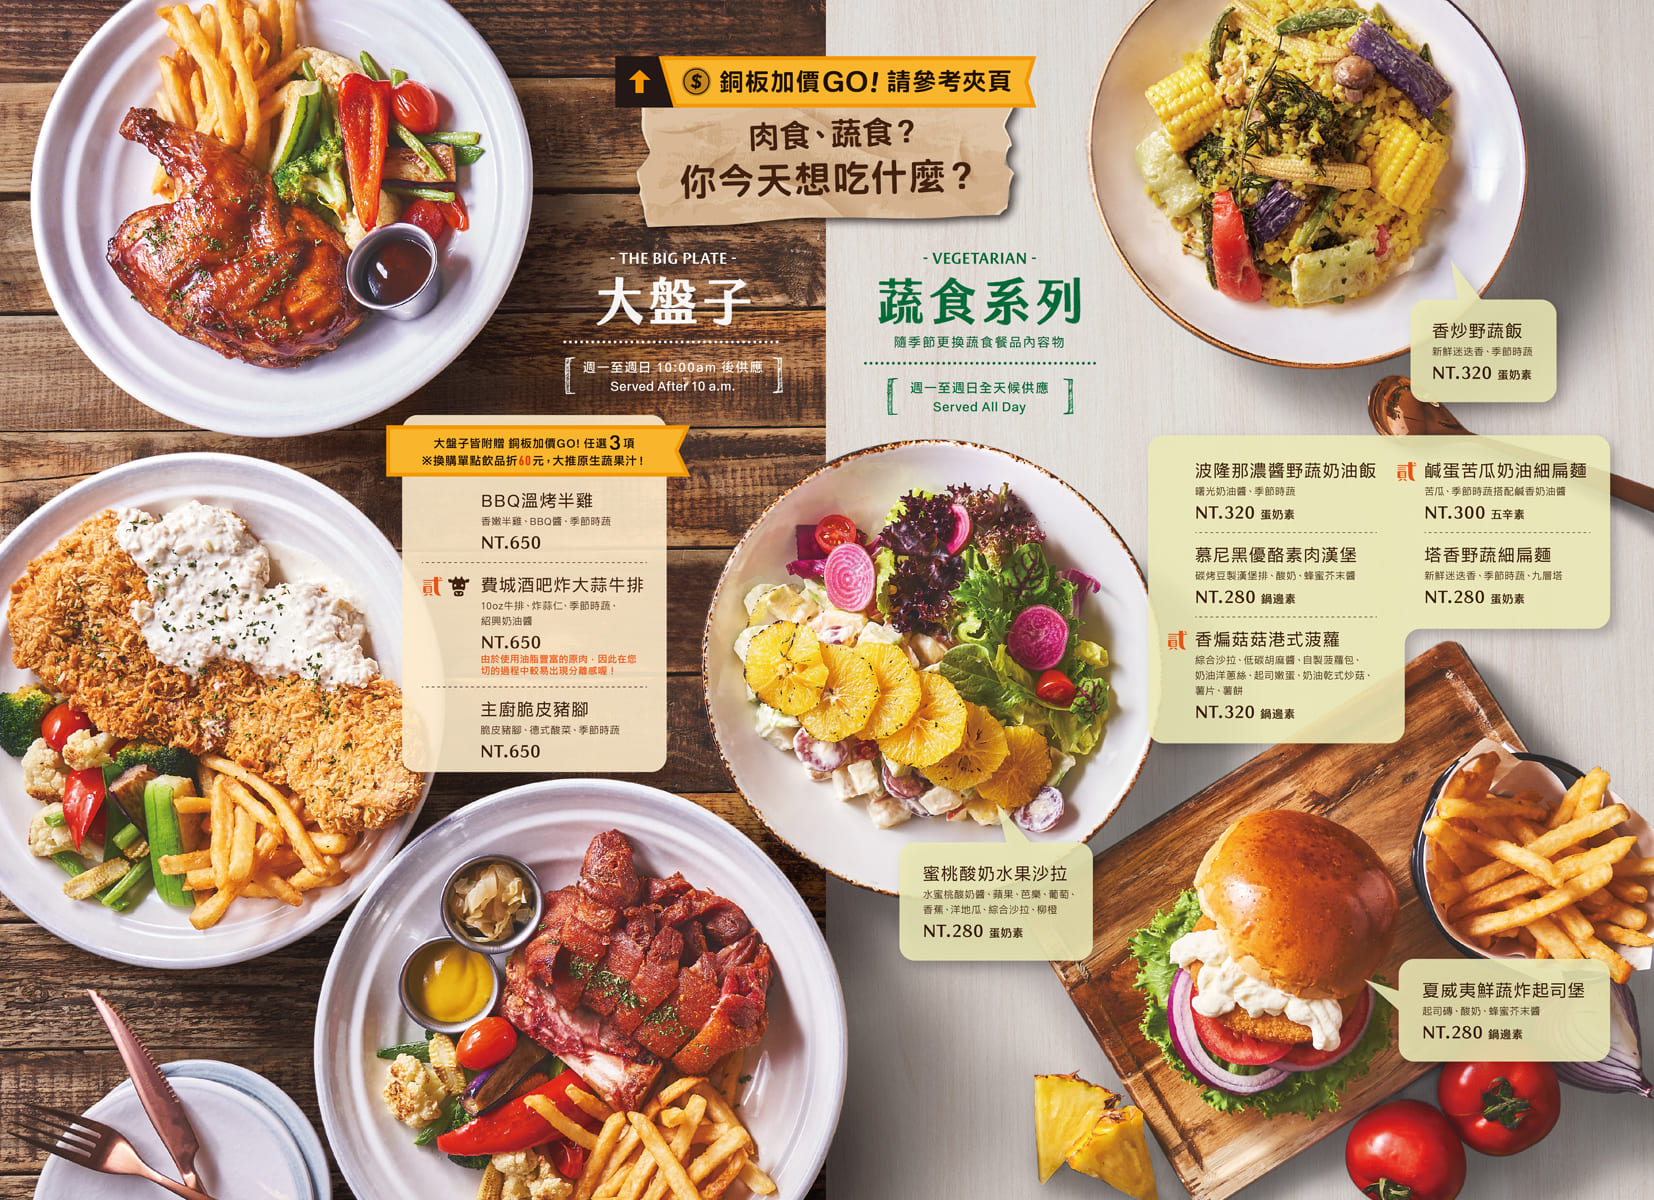 貳樓餐廳 Second Floor Cafe菜單ME